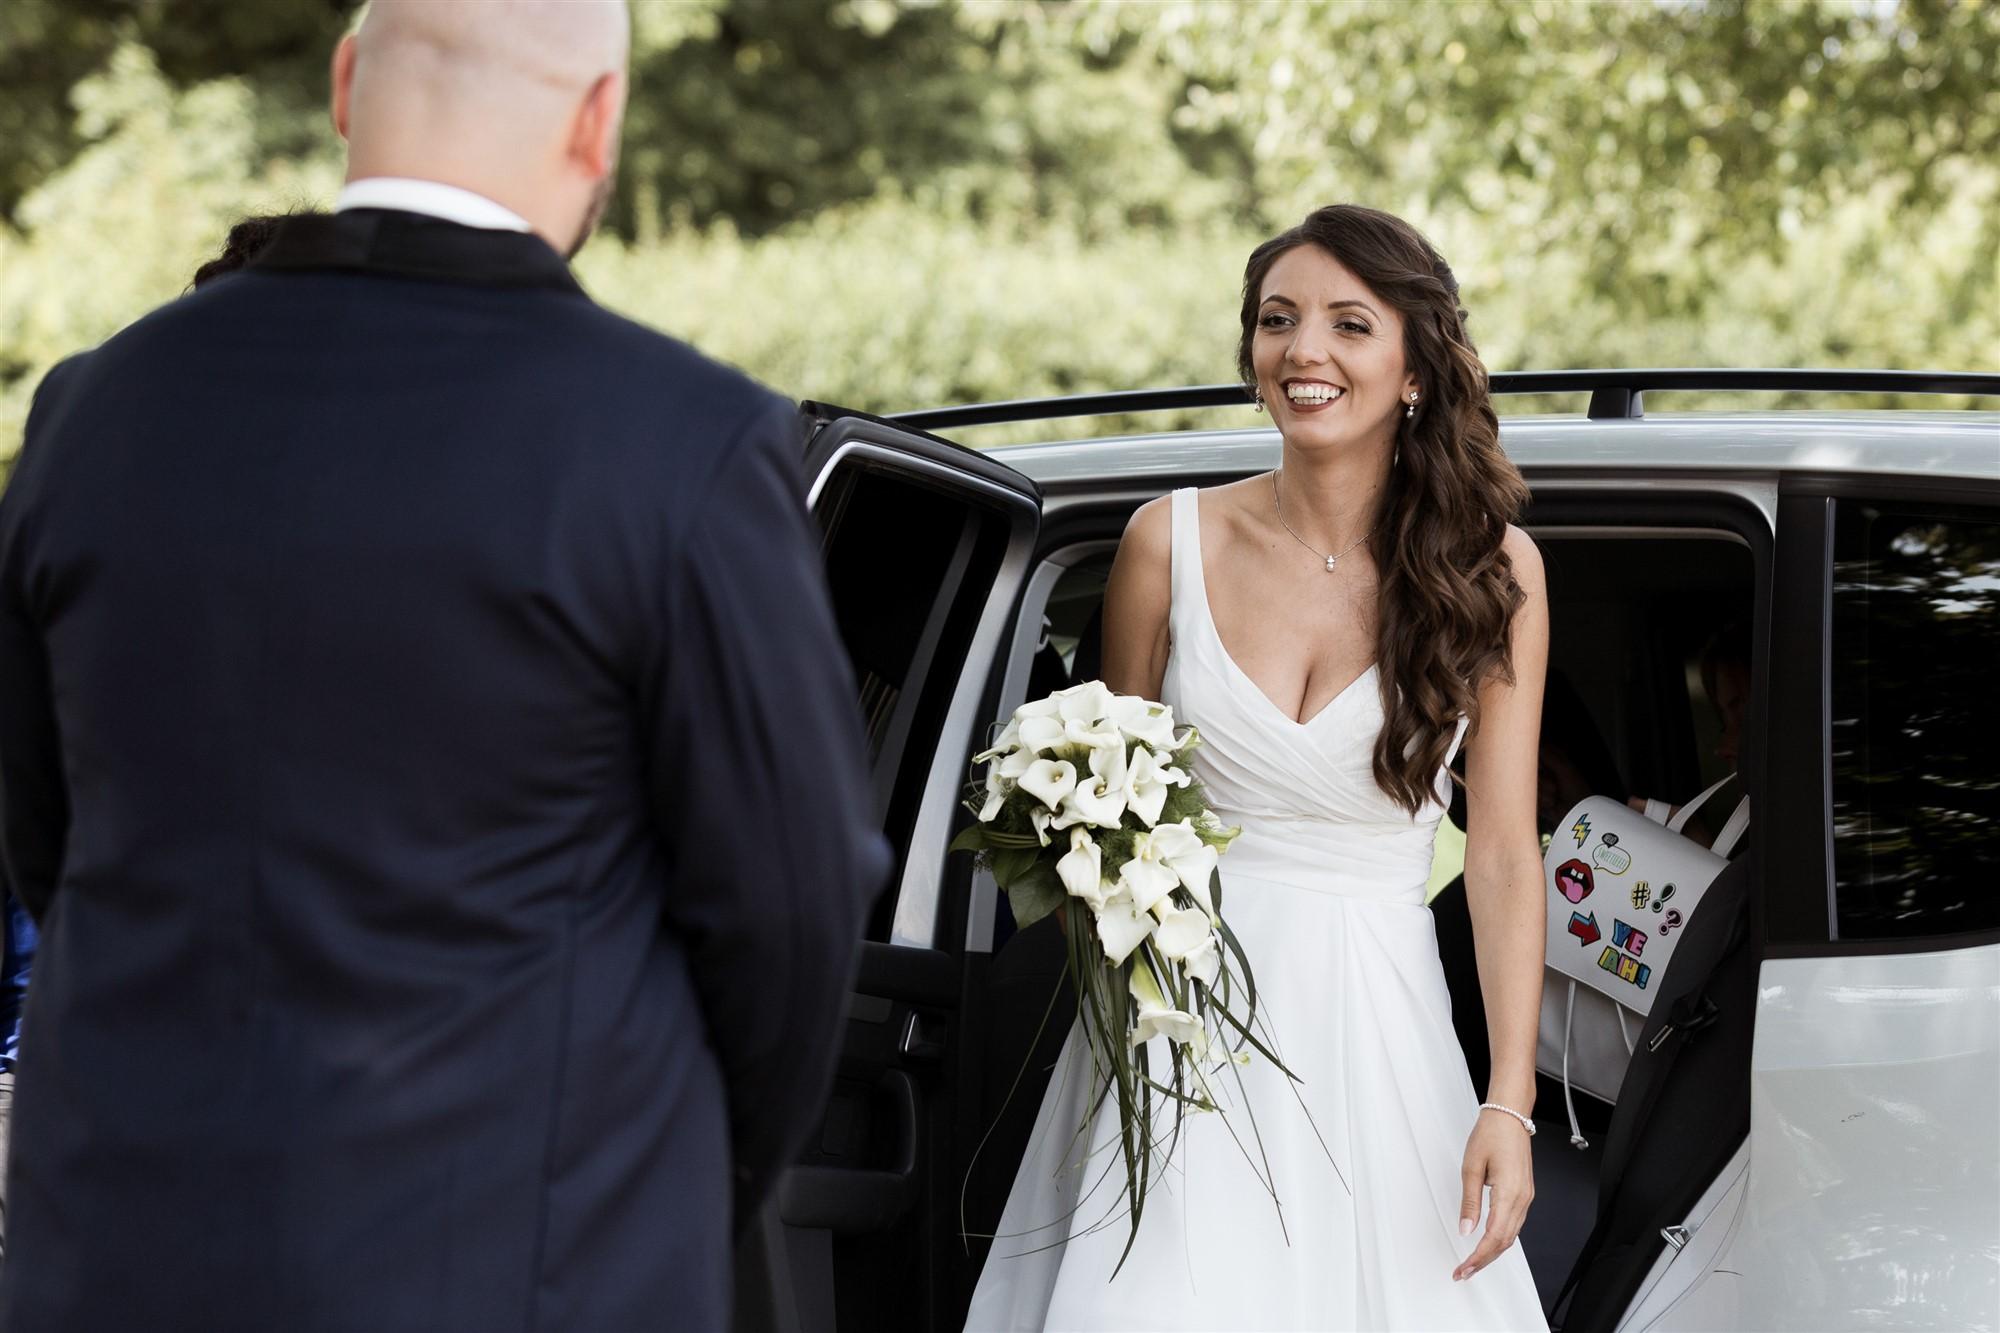 Schloss Wildenstein - Die Braut steigt aus dem Auto aus - First Look